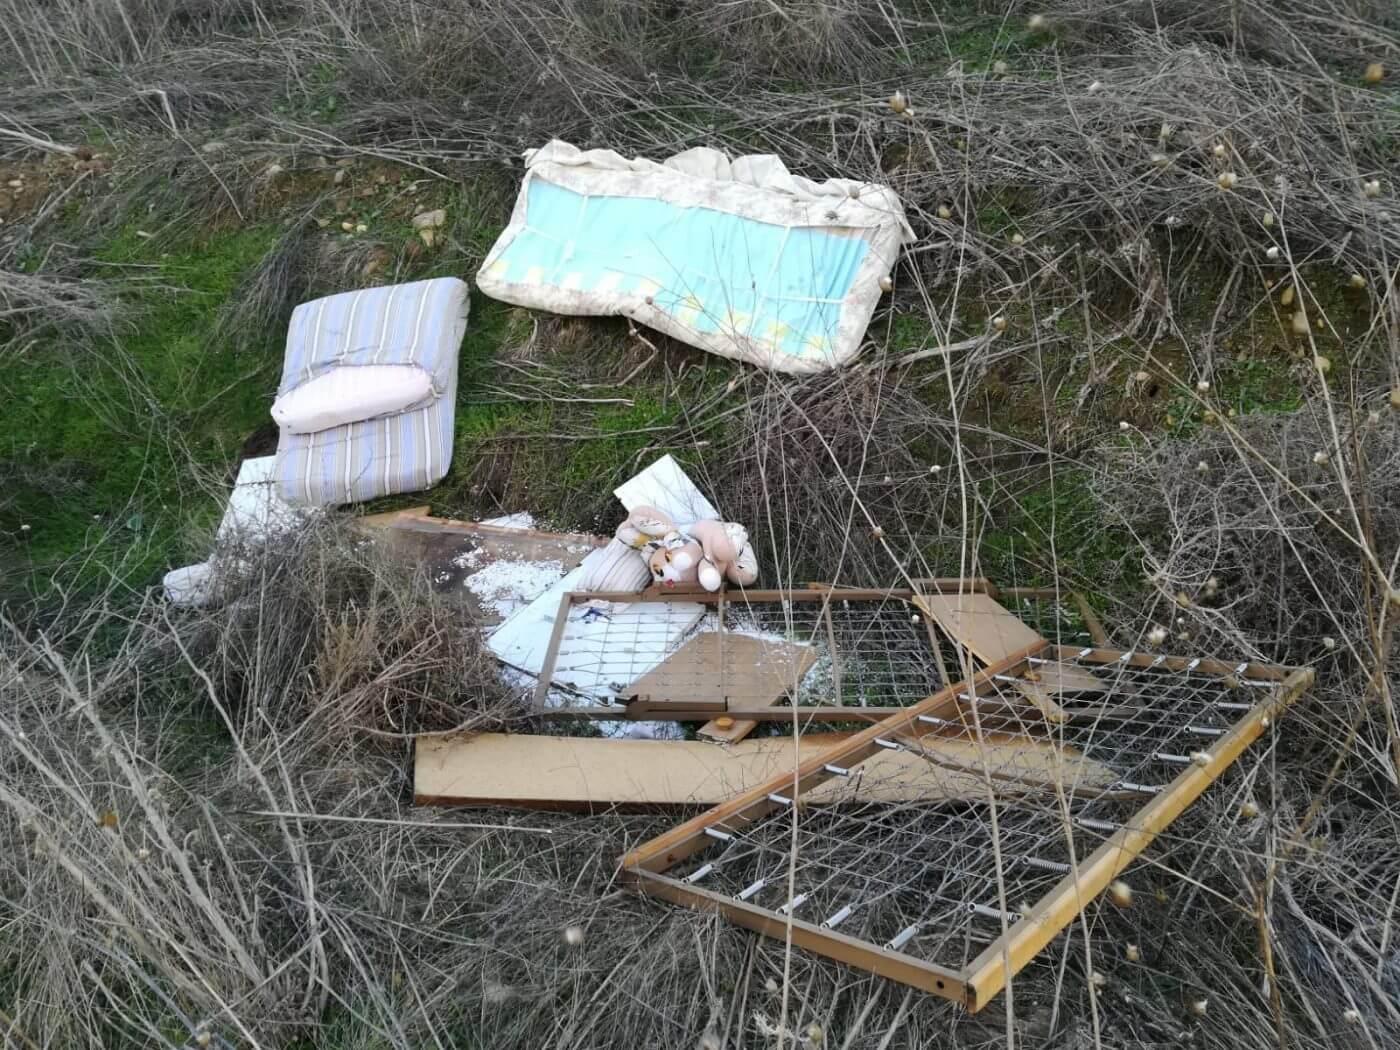 El ayuntamiento de Pradejón vuelve a denunciar comportamientos incívicos que dañan el medio ambiente y afean la imagen del municipio